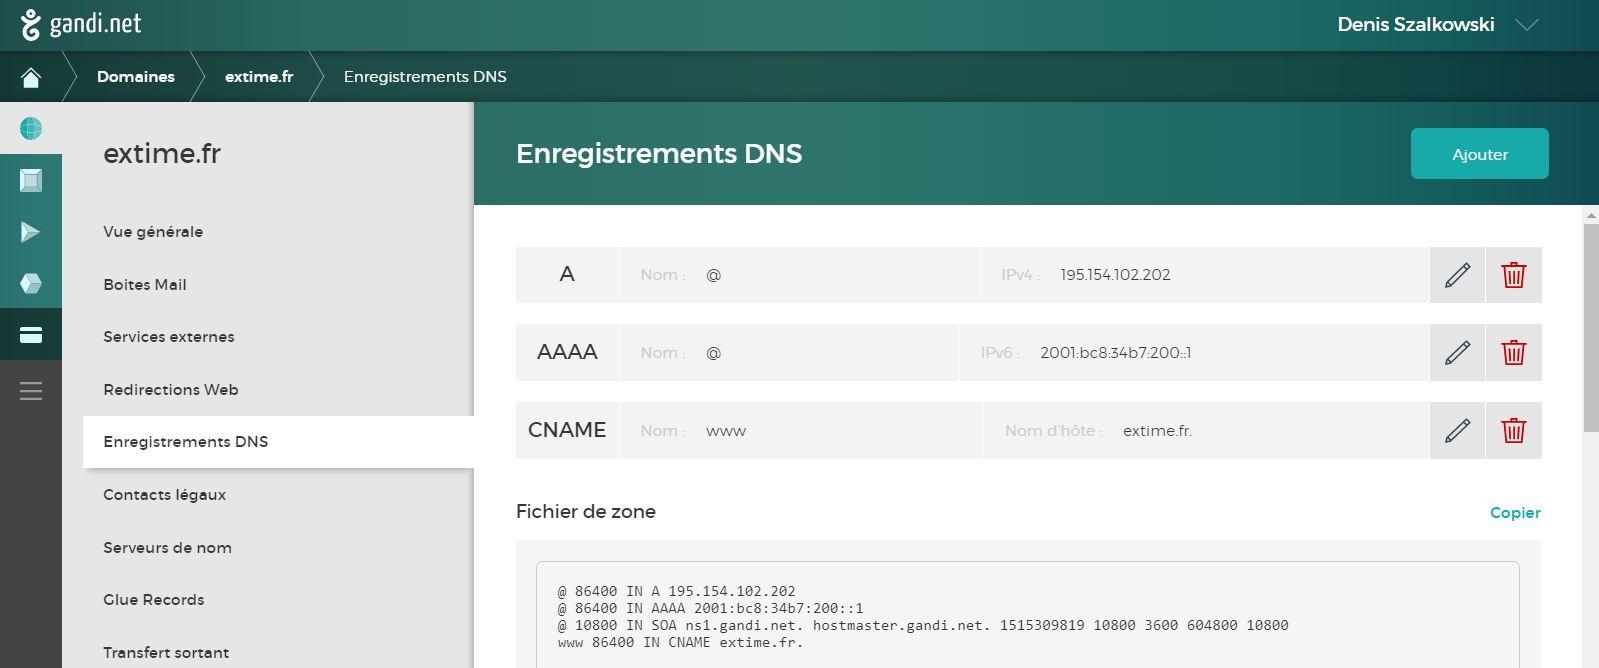 Enregistrements DNS